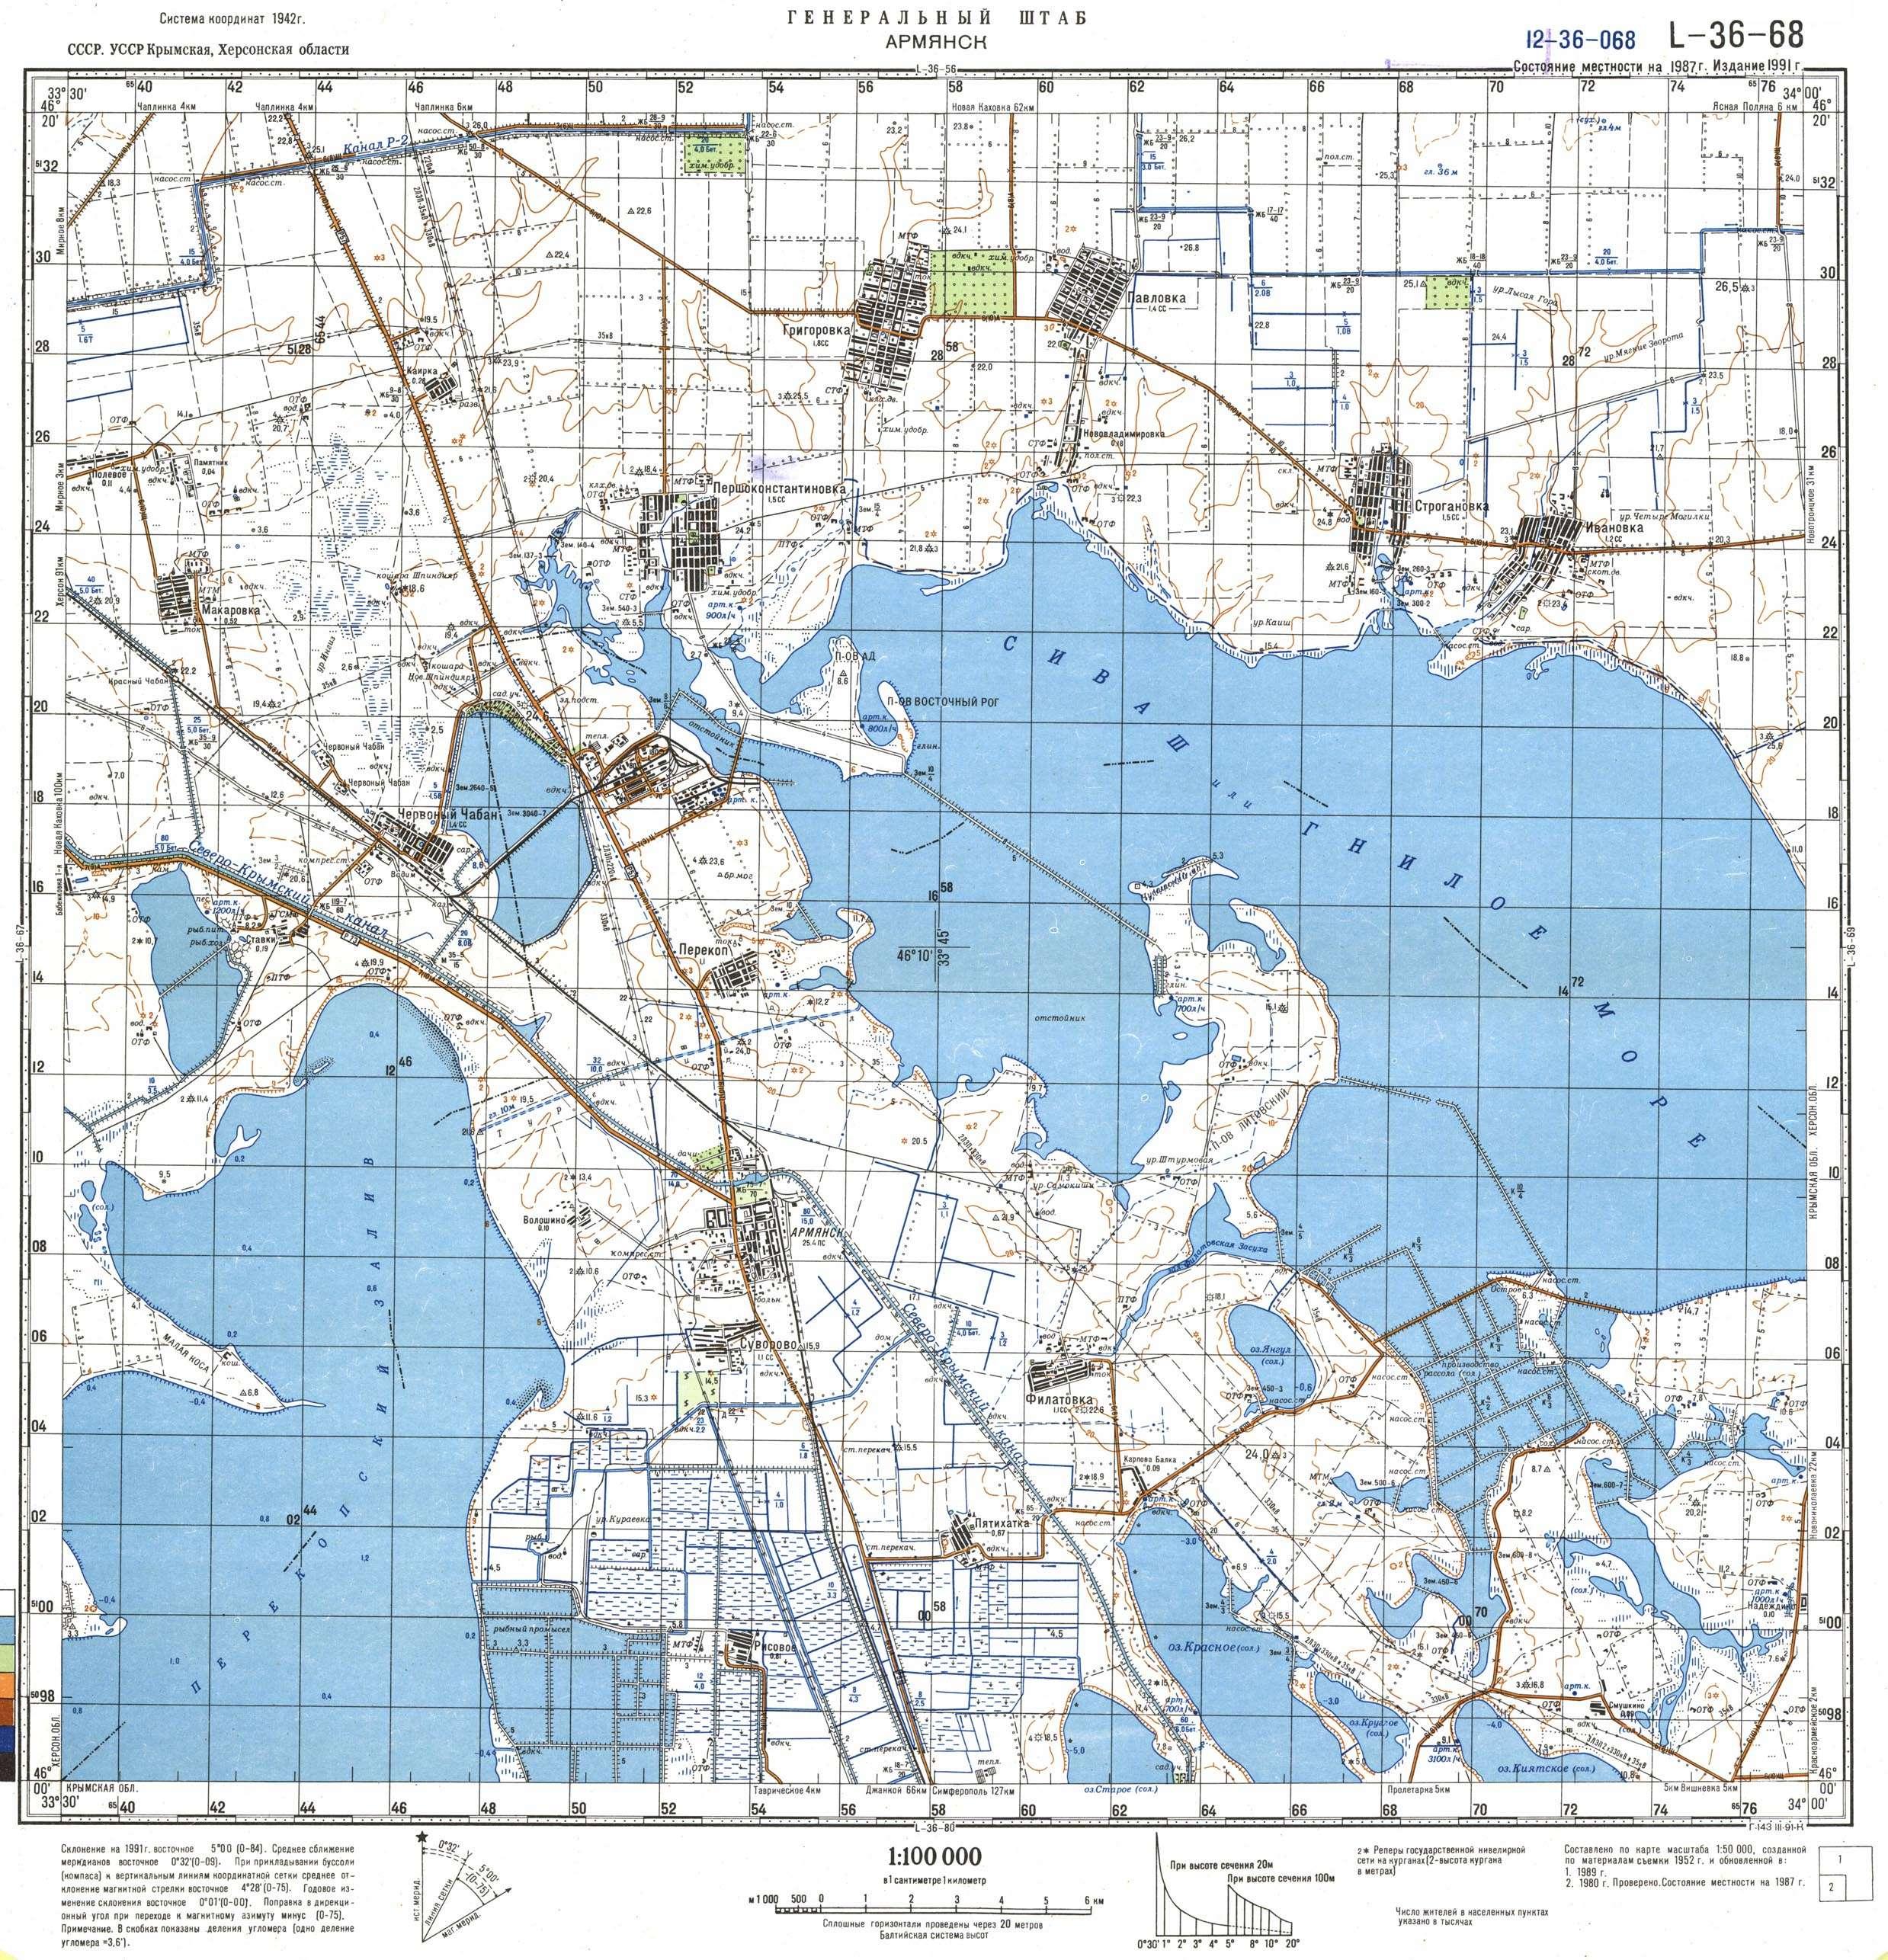 план-схема сплава по рек ай